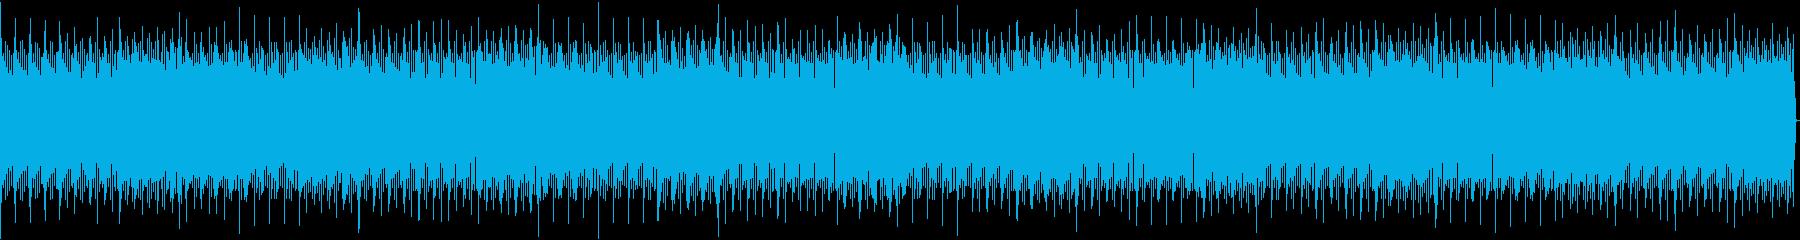 四つ打ちのBGMの再生済みの波形